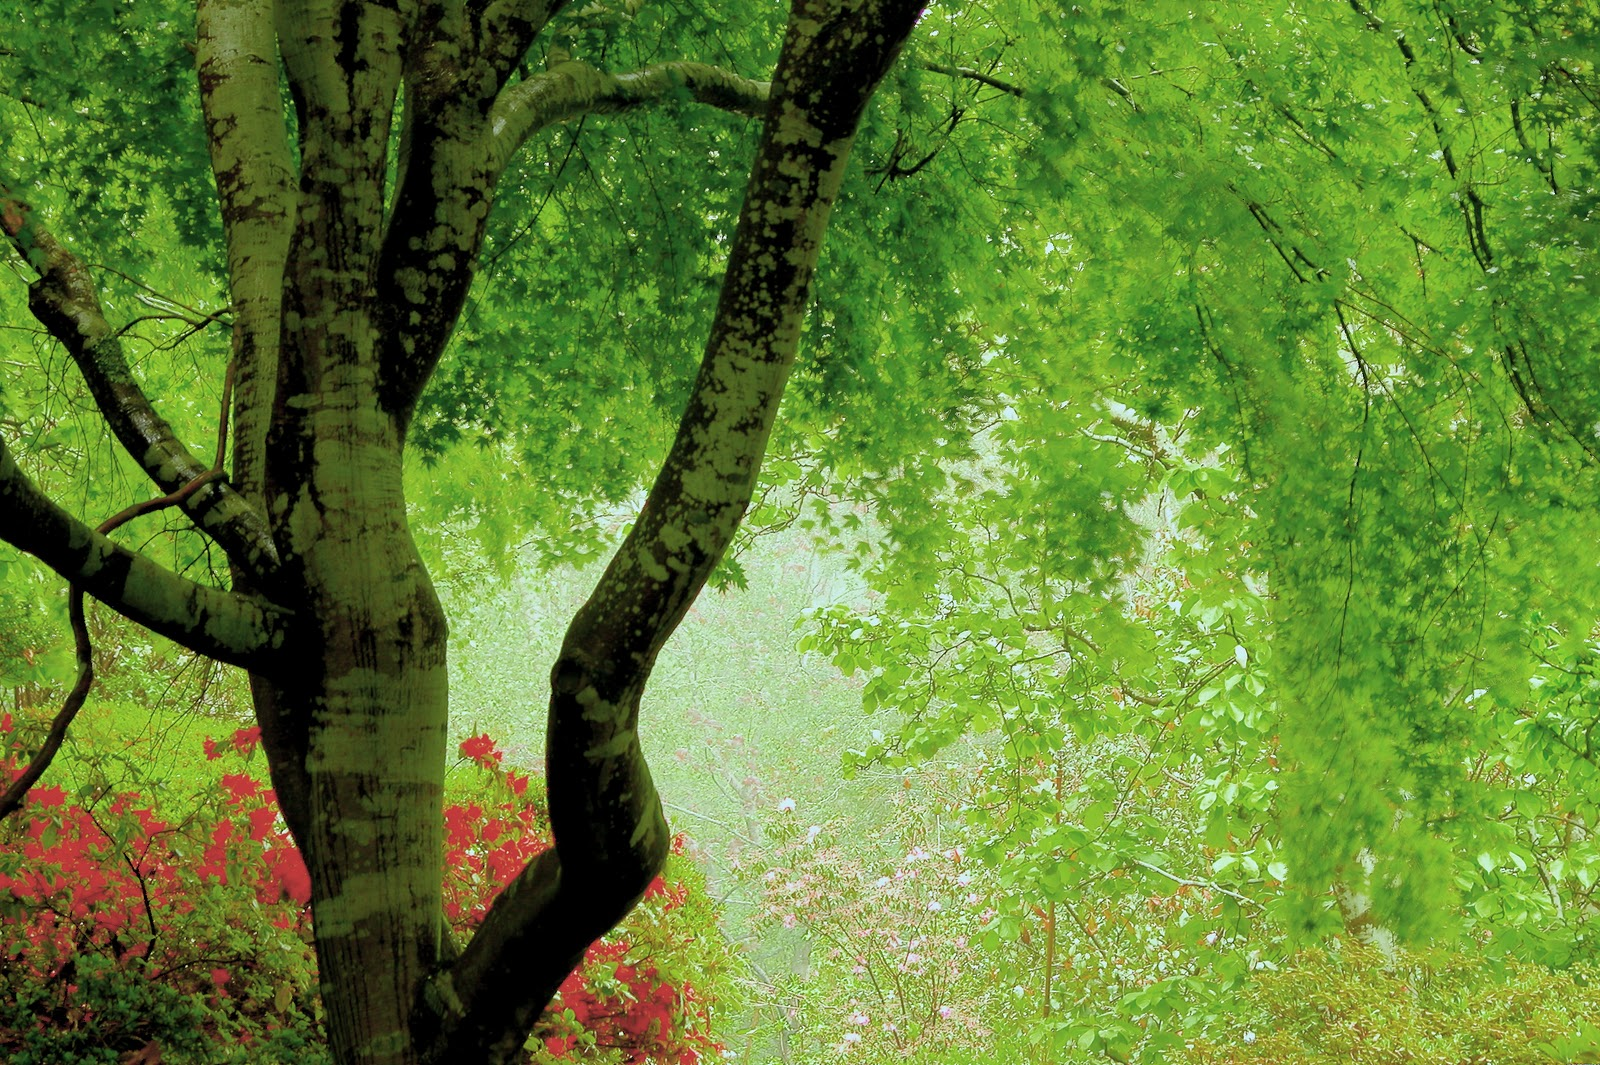 http://1.bp.blogspot.com/-z16NkNlWJUk/TsLIPPamZ-I/AAAAAAAACtU/rX-SPw0IT8w/s1600/backgrounds-high-resolution-1280x1024-wallpaper-hd-green-forest.jpg